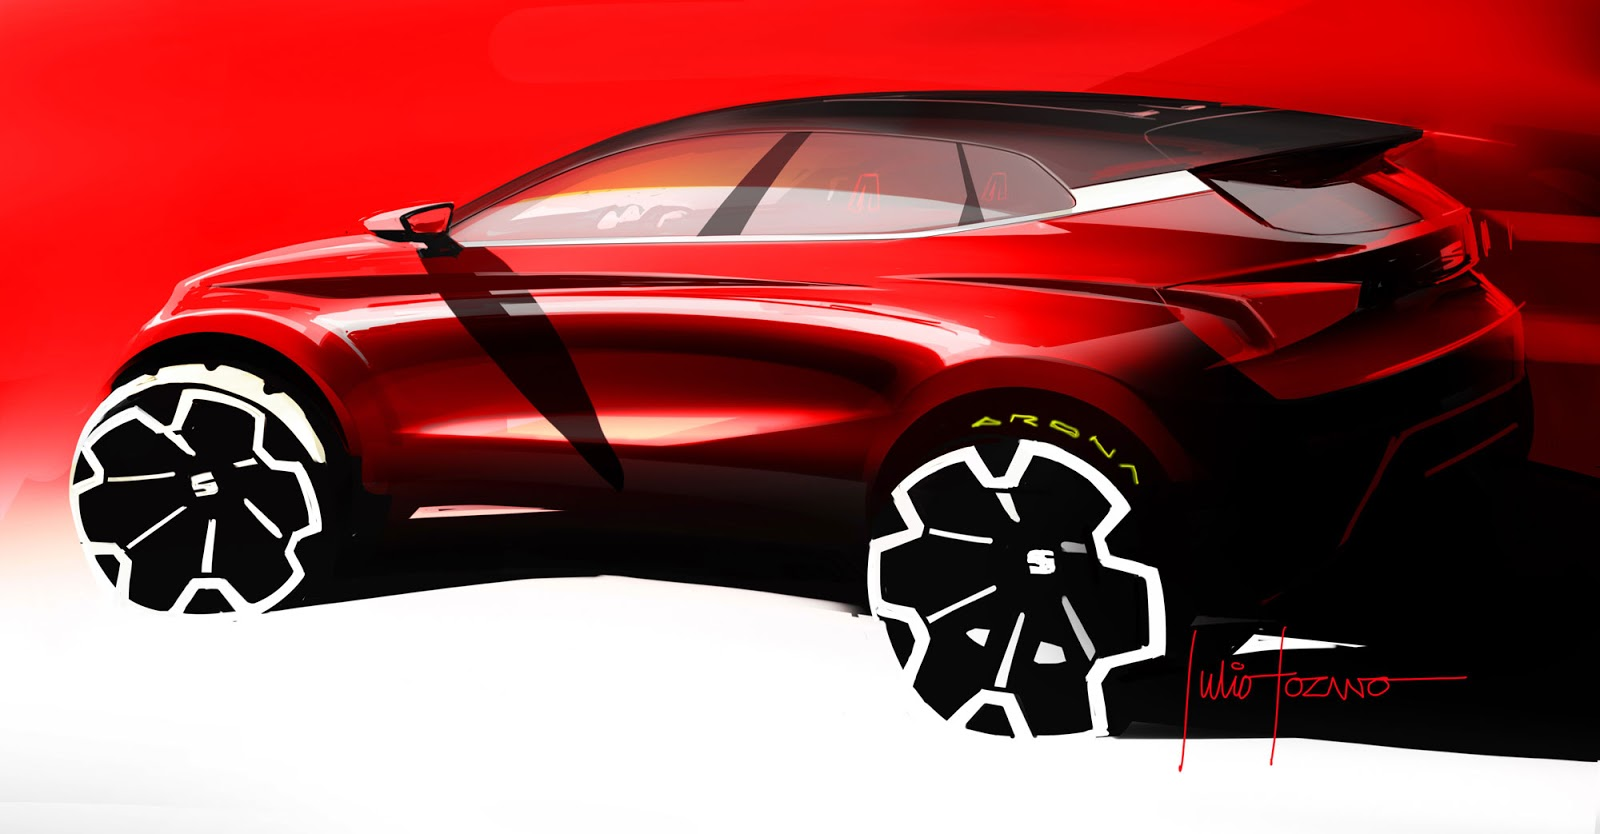 Seat Arona sketch by Julio Lozano showing the rear